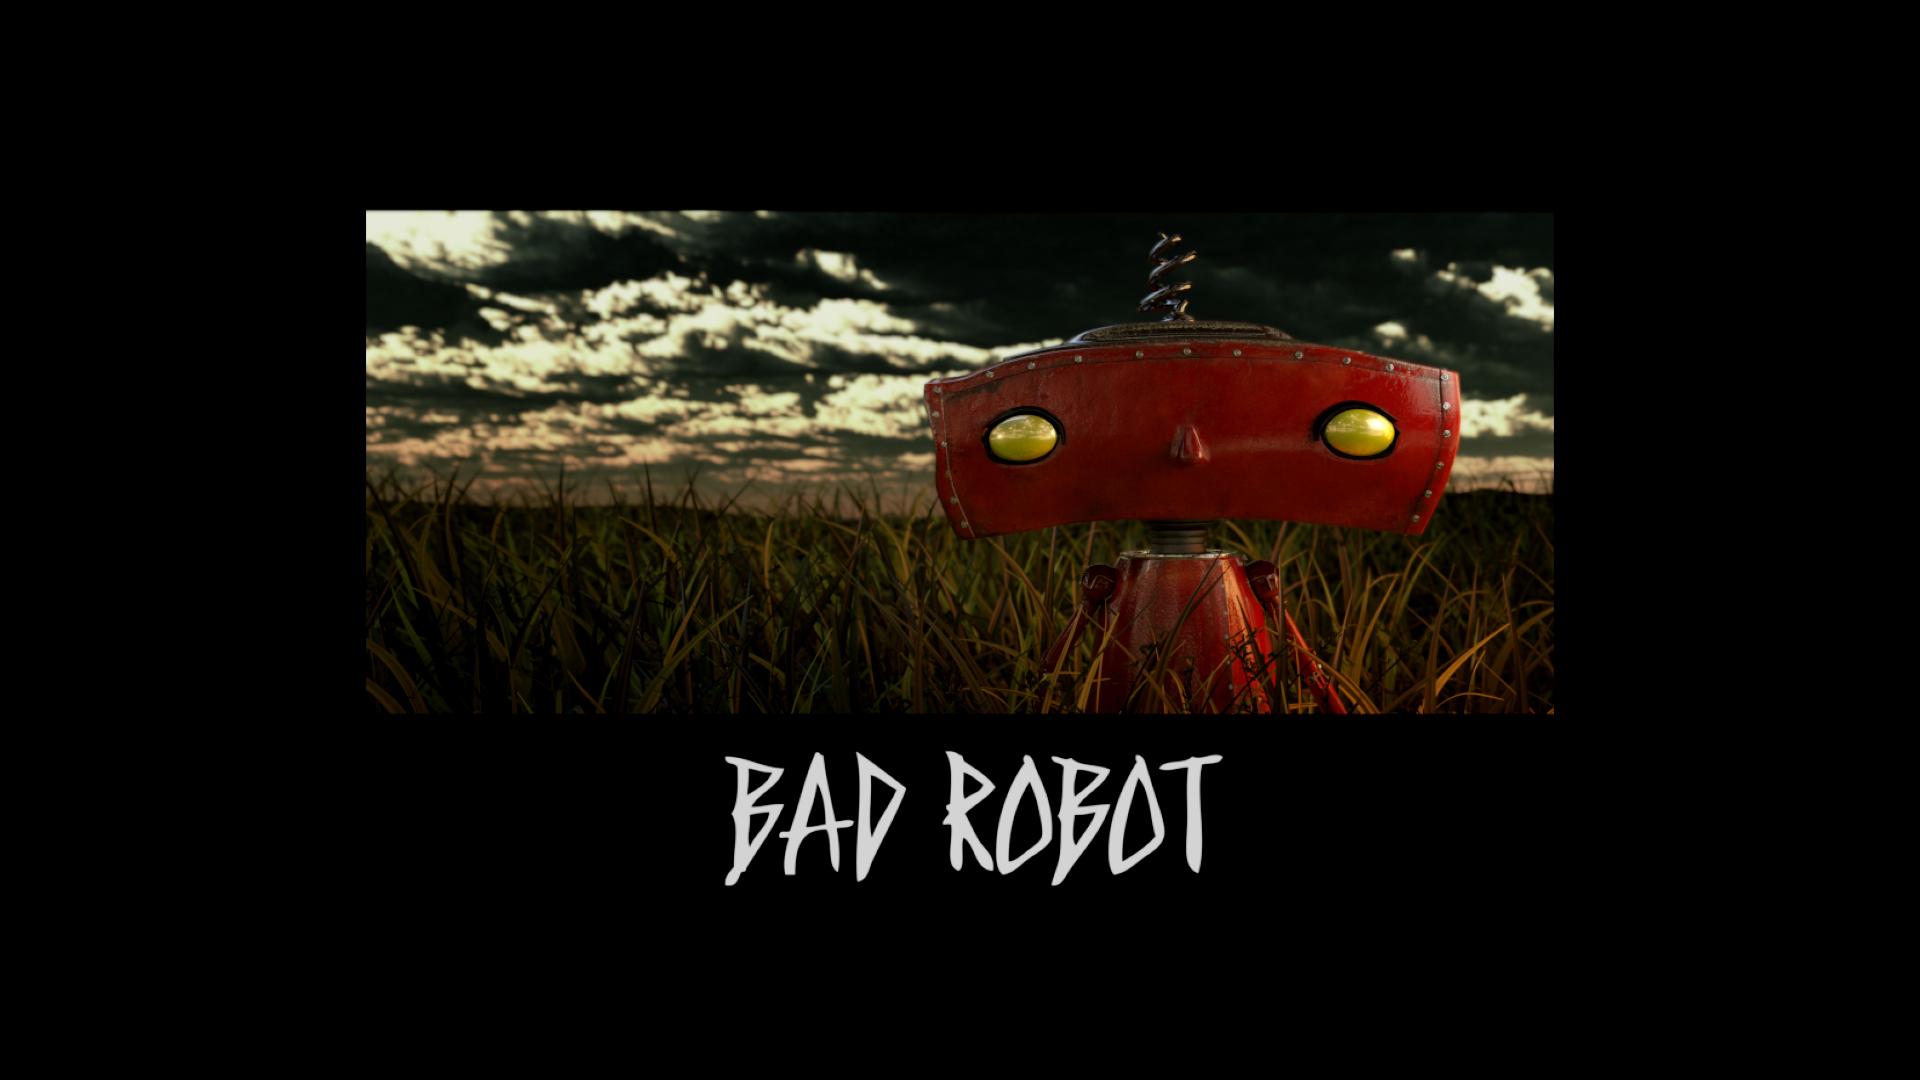 https://www.badrobot.com/images/full.jpg